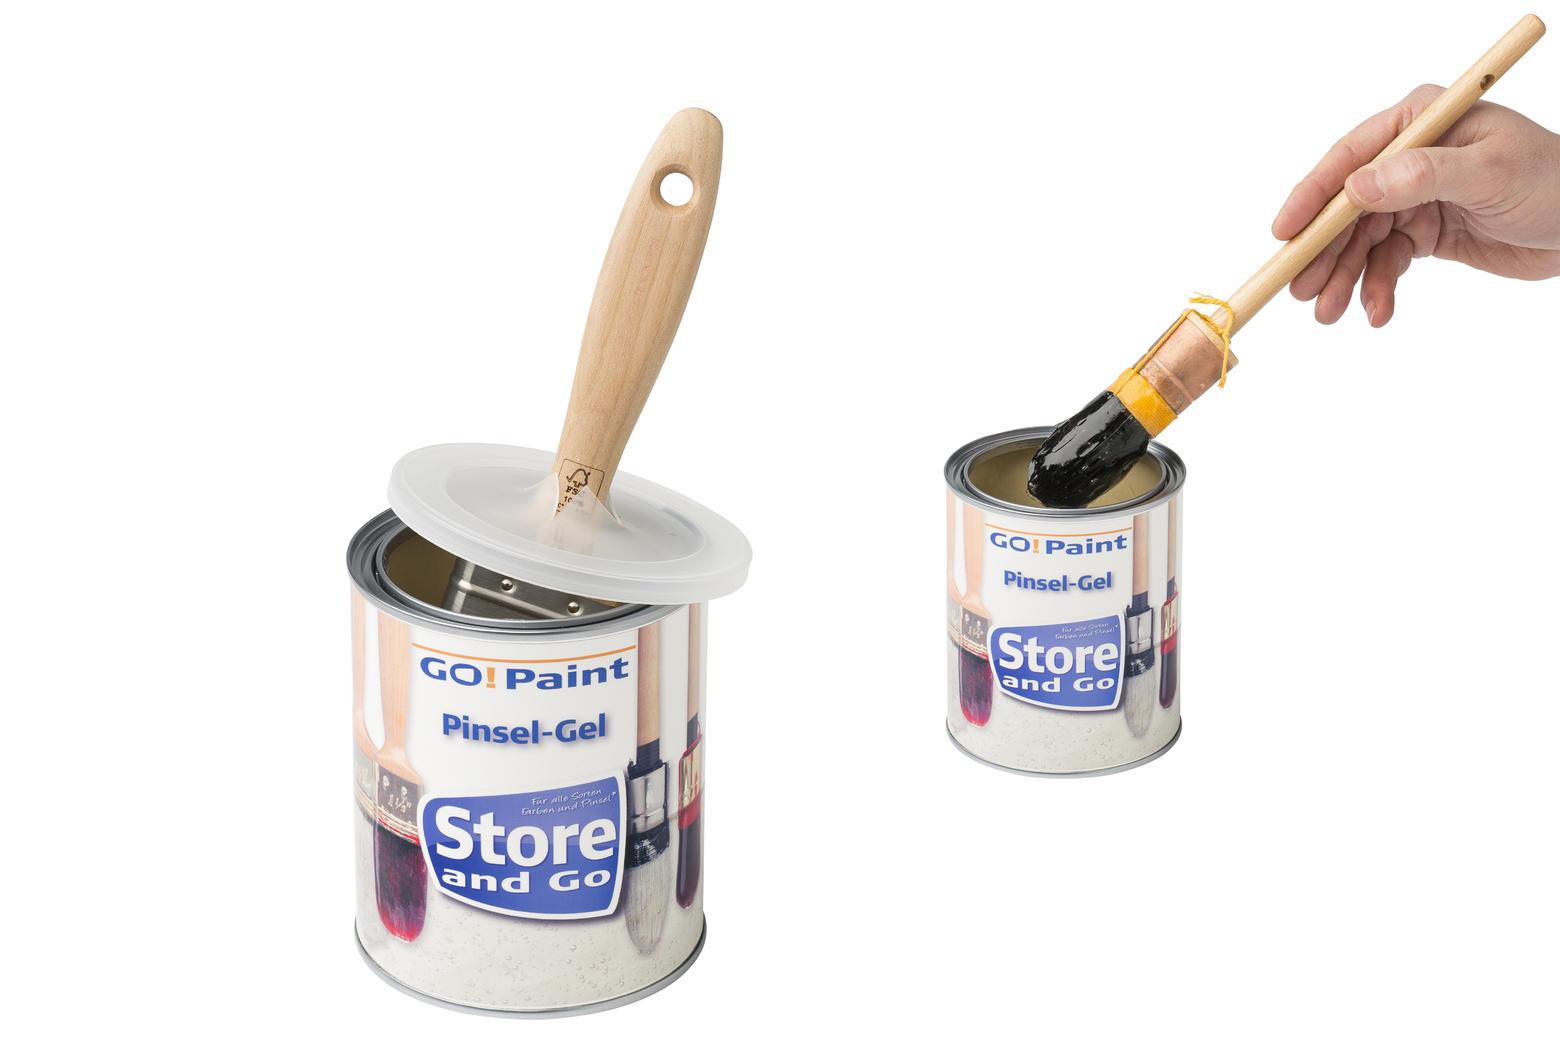 In de kleine pot bewaar je één of twee kwasten, heel handig voor je favoriete kwastje. Schoonmaken voor het wegzetten is dan niet nodig.